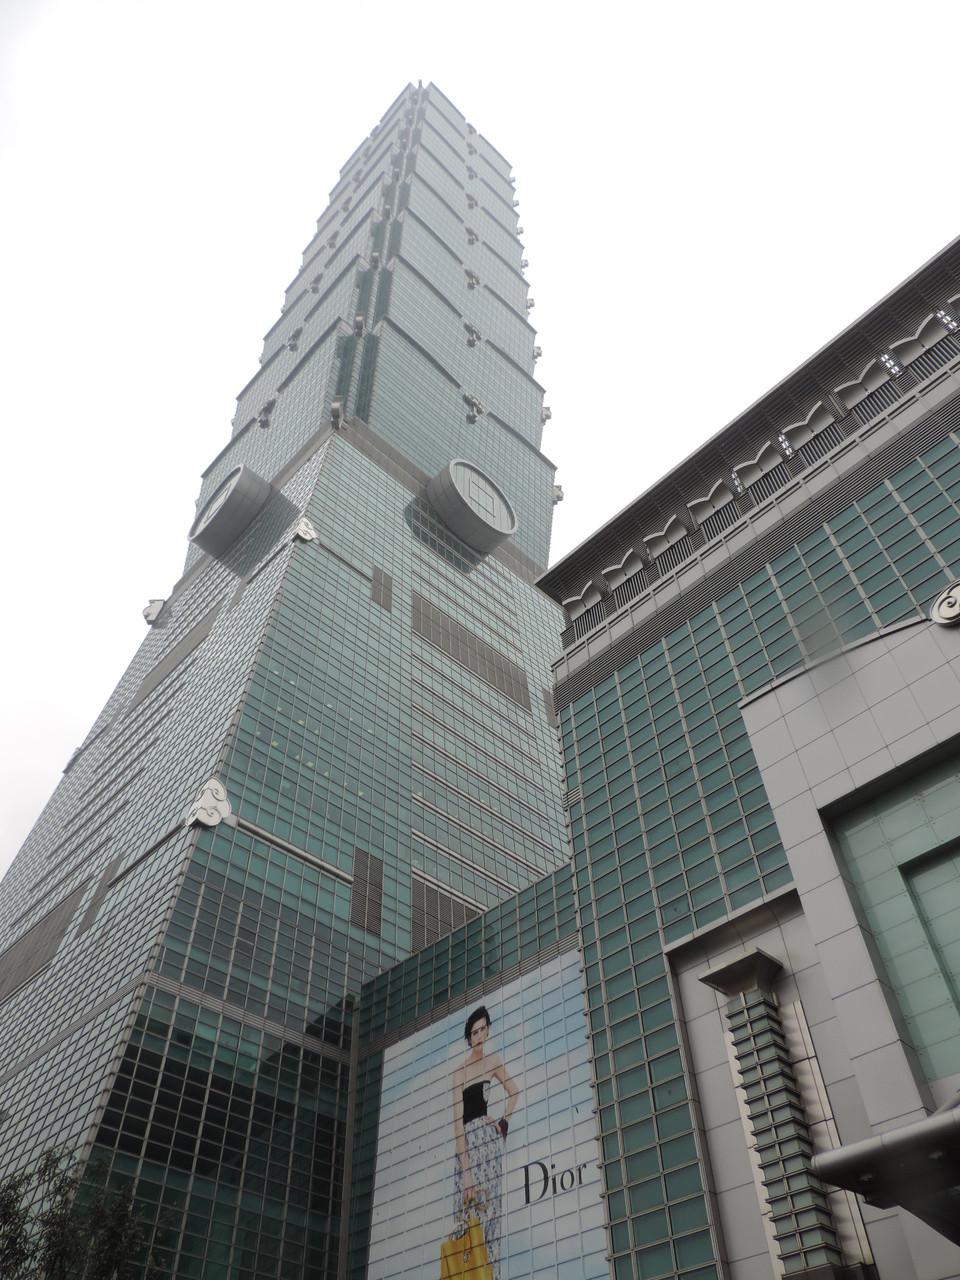 1O1, das zweithöchste Hochhaus der Welt, gewaltig